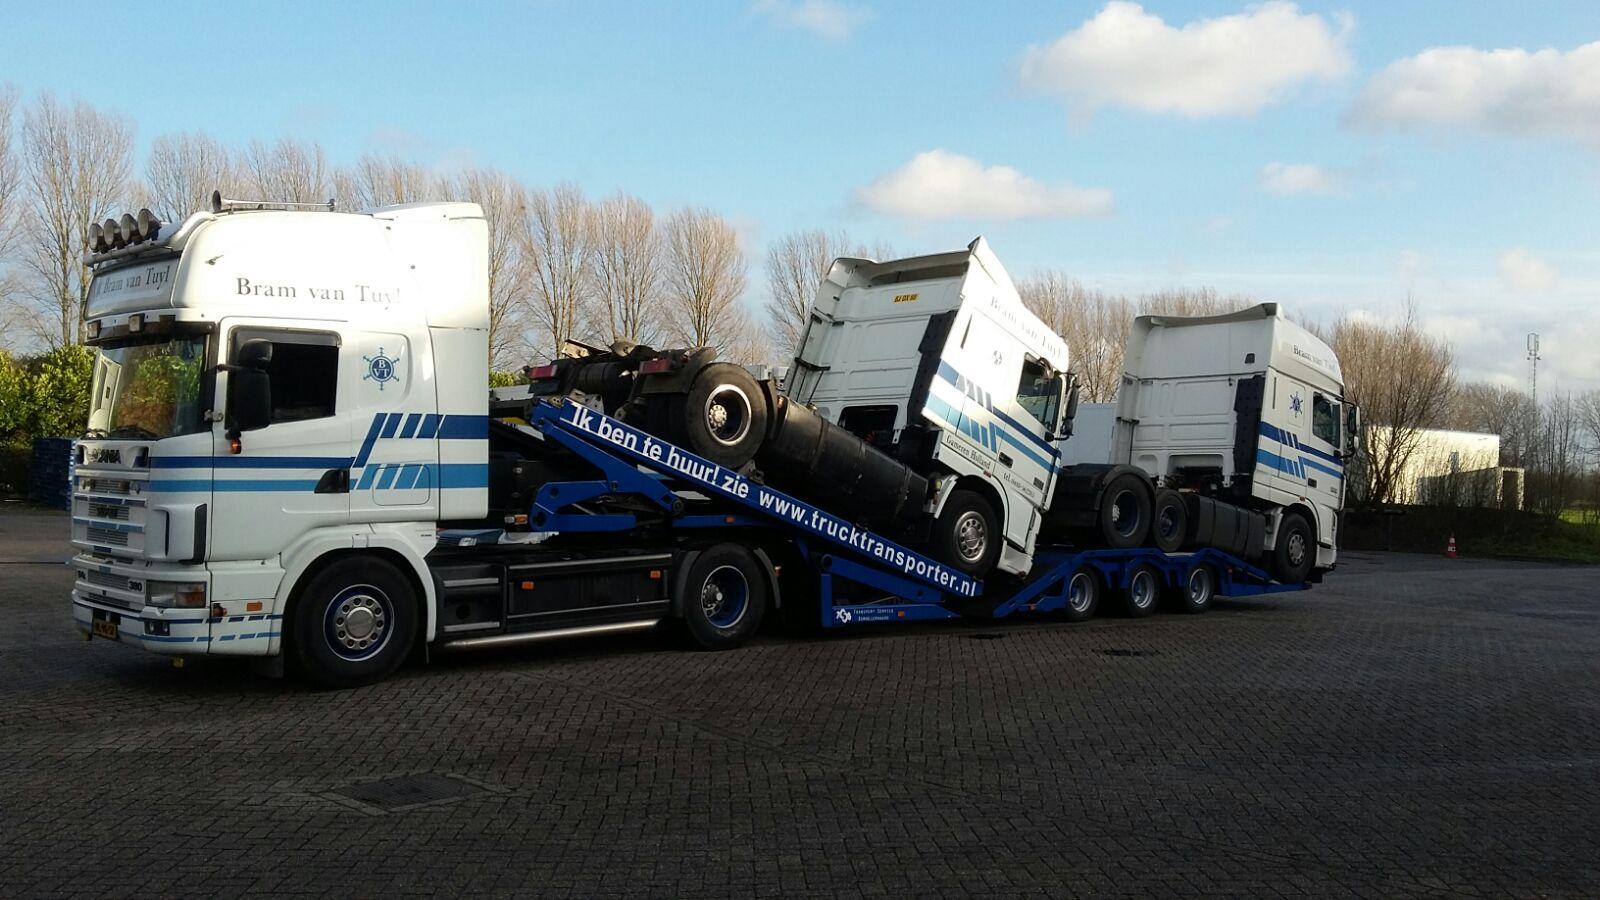 Truck transporter